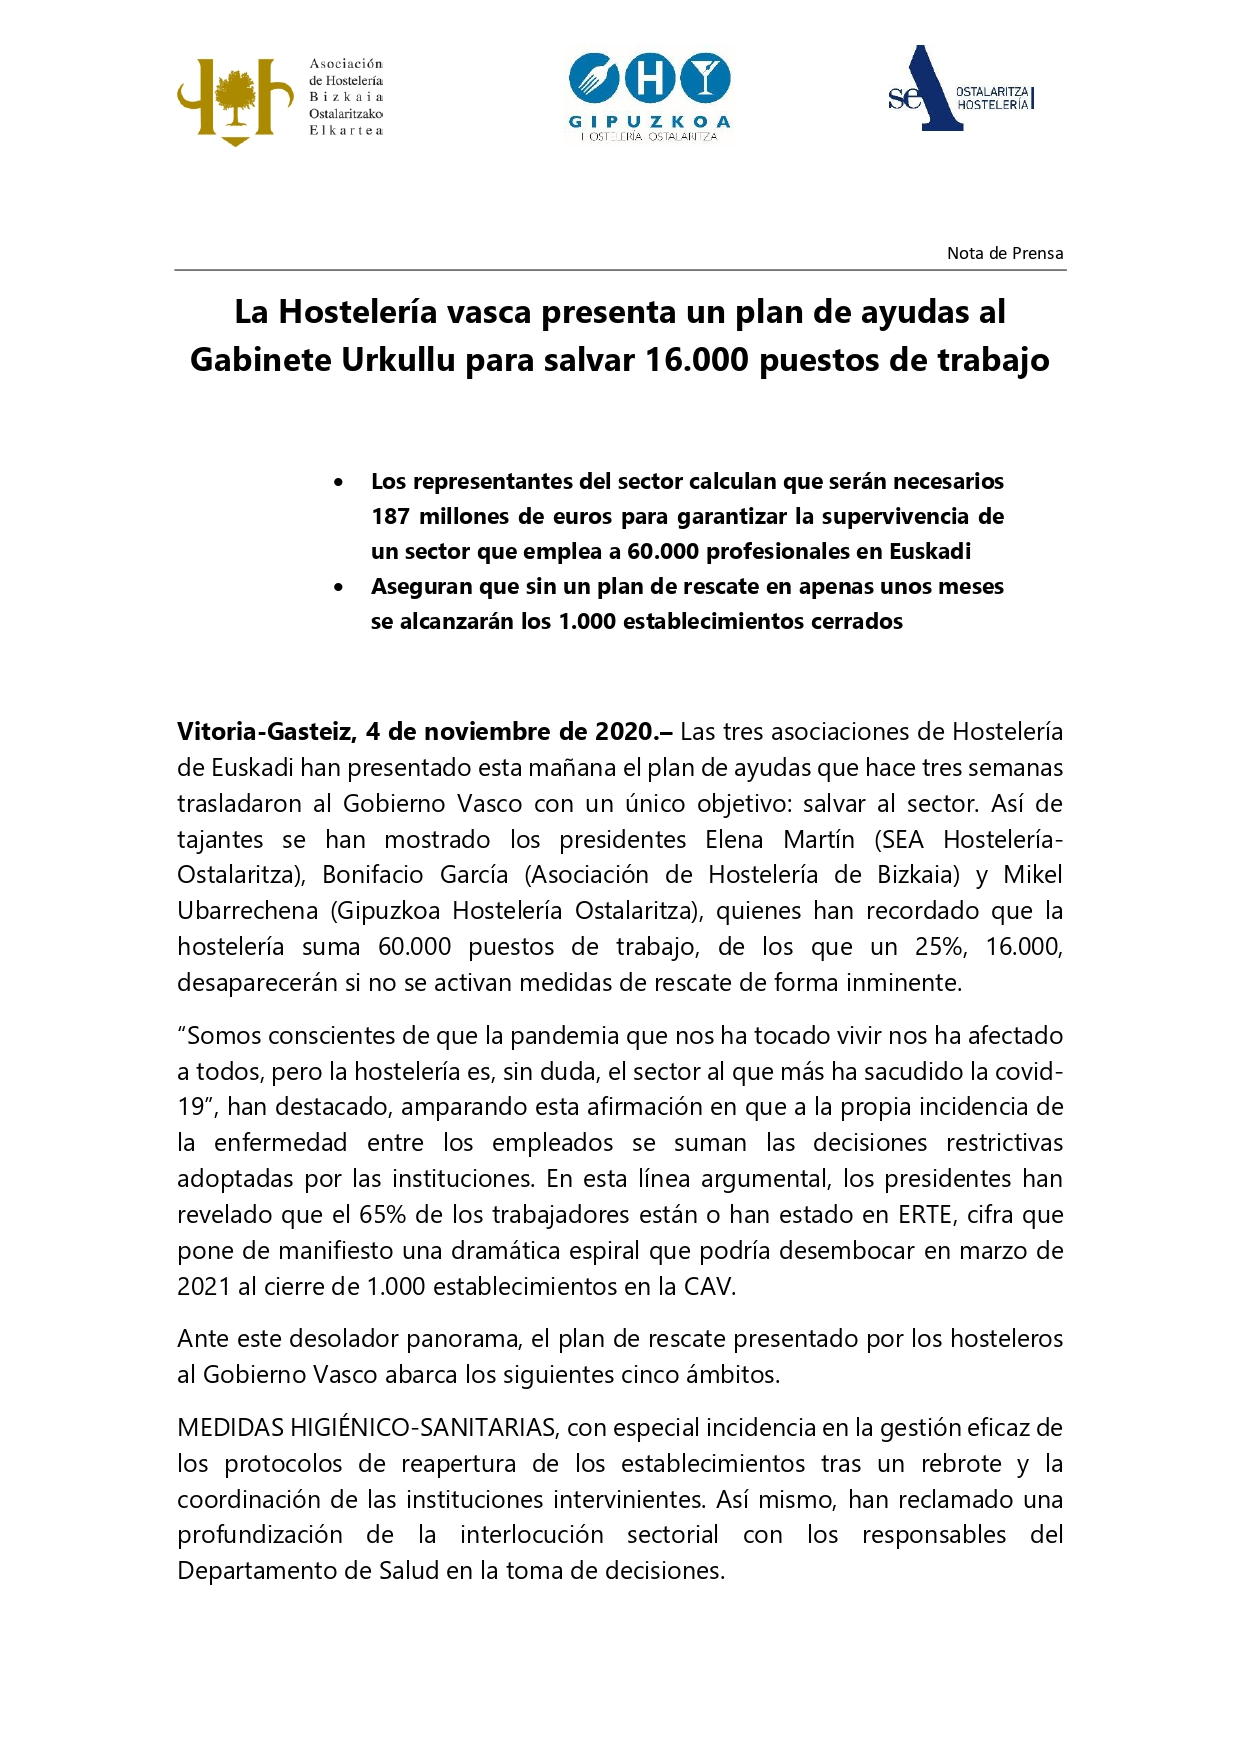 Asociaciones de Hosteleria (4-XI)_page-0001